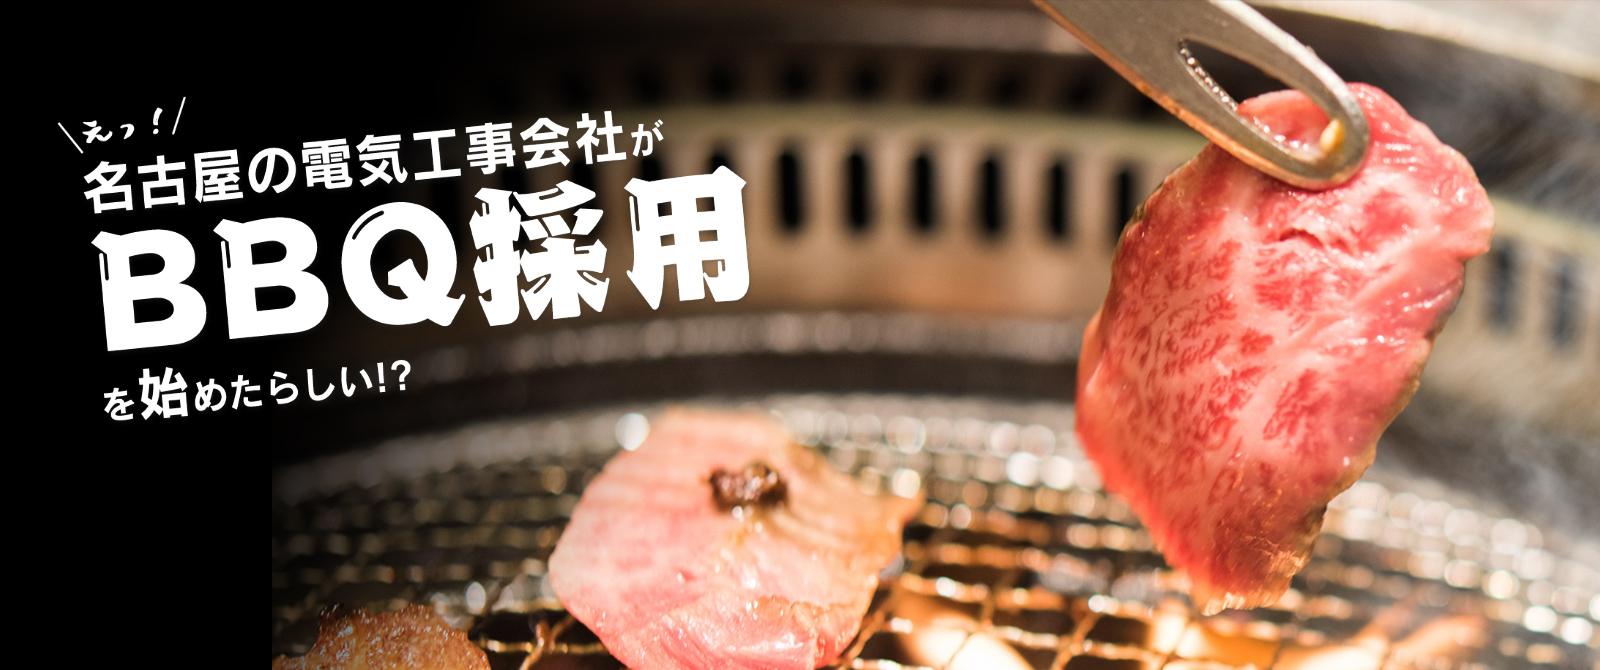 名古屋の電気工事会社が焼肉採用を始めたらしい